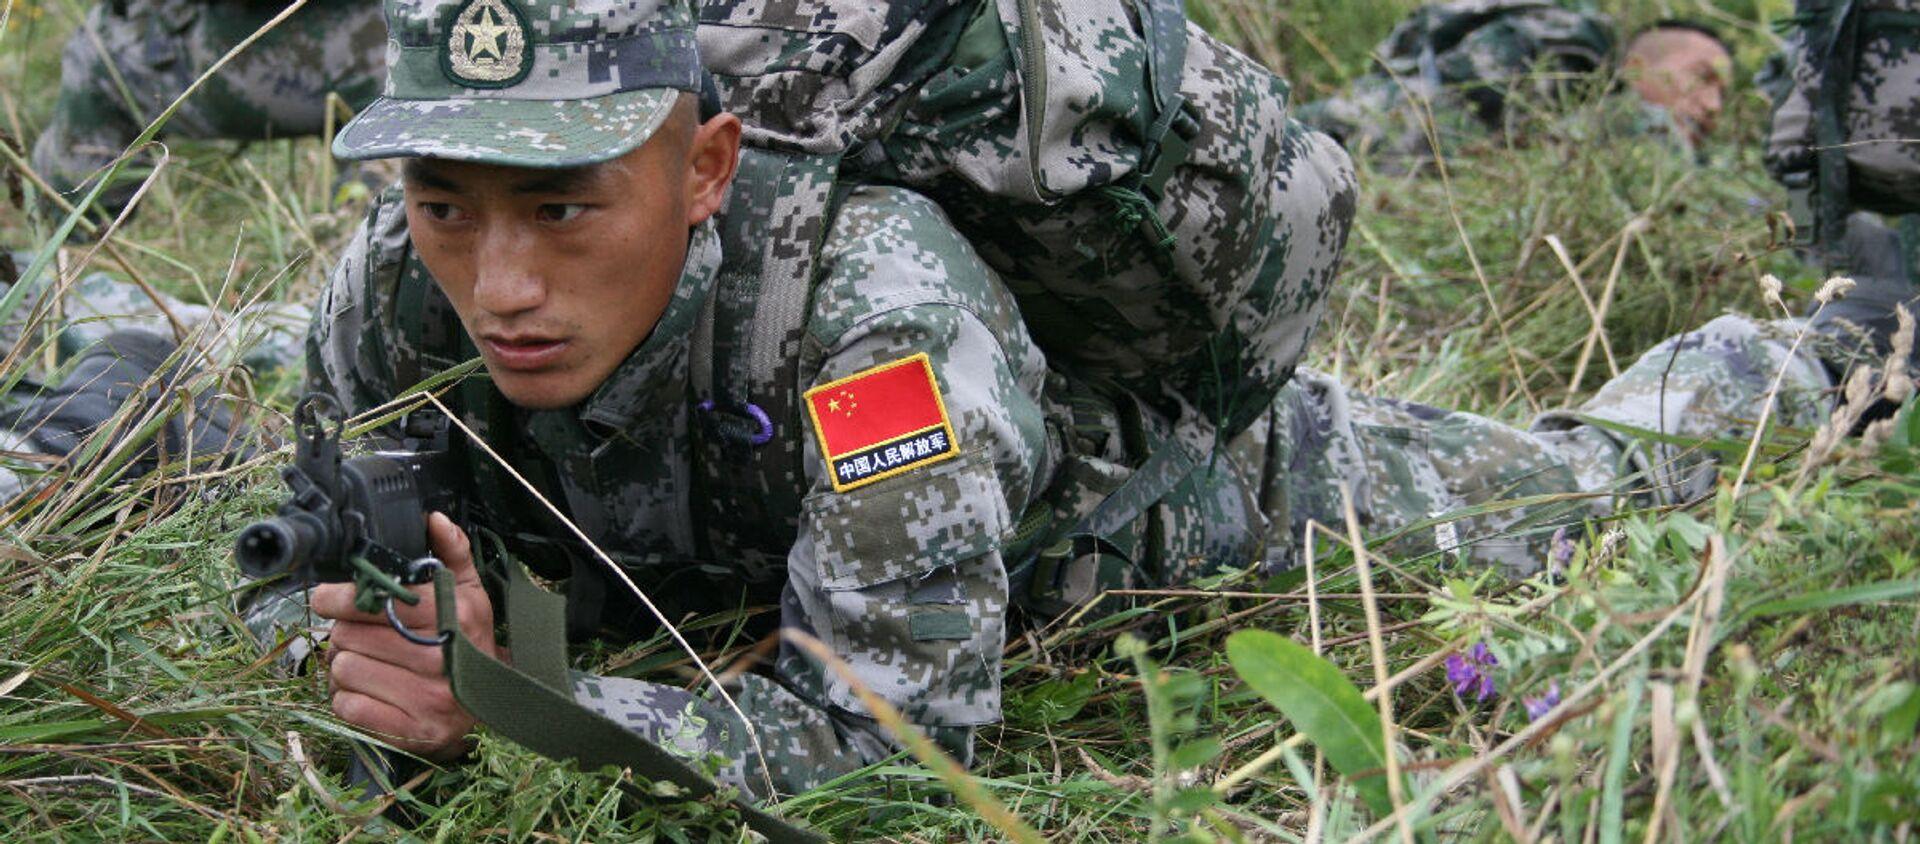 Đội Trung Quốc  tham gia cuộc thi quốc tế Trinh sát xuất sắc trong khuôn khổ Army Games-2021 tại Vùng Novosibirsk - Sputnik Việt Nam, 1920, 26.08.2021